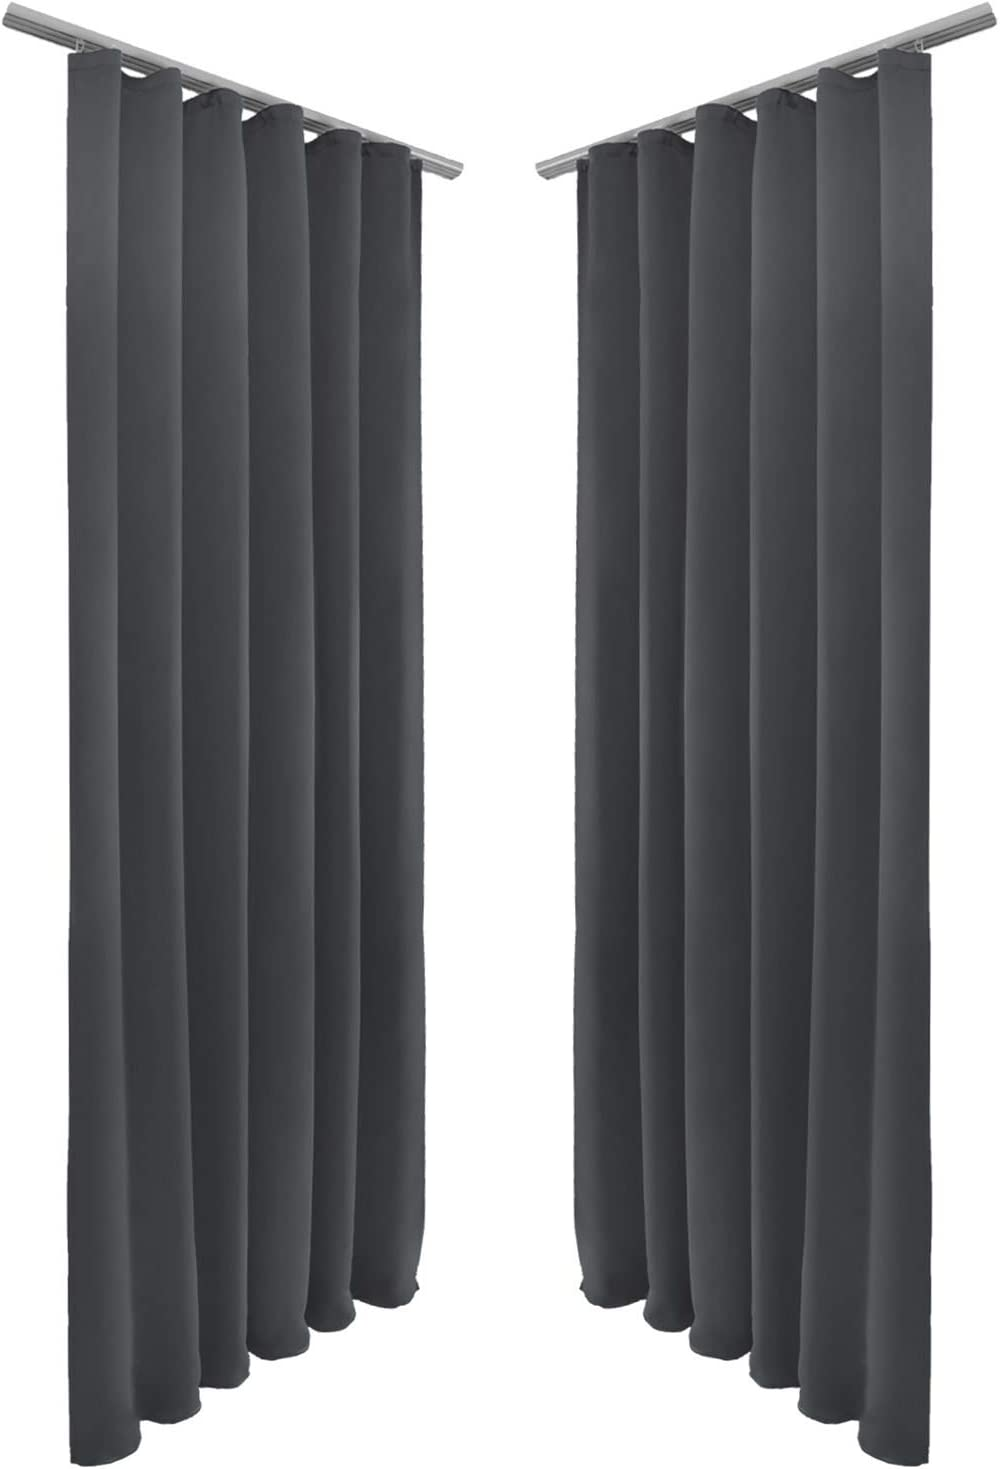 BSZHCT Gardinen Vorhang Blickdicht mit /Ösen 2er Set 75x166cm weisser Marmor Polyester Gardine Verdunklungsvorh/änge Thermovorhang lichtdicht f/ür Wohnzimmer Kinderzimmer